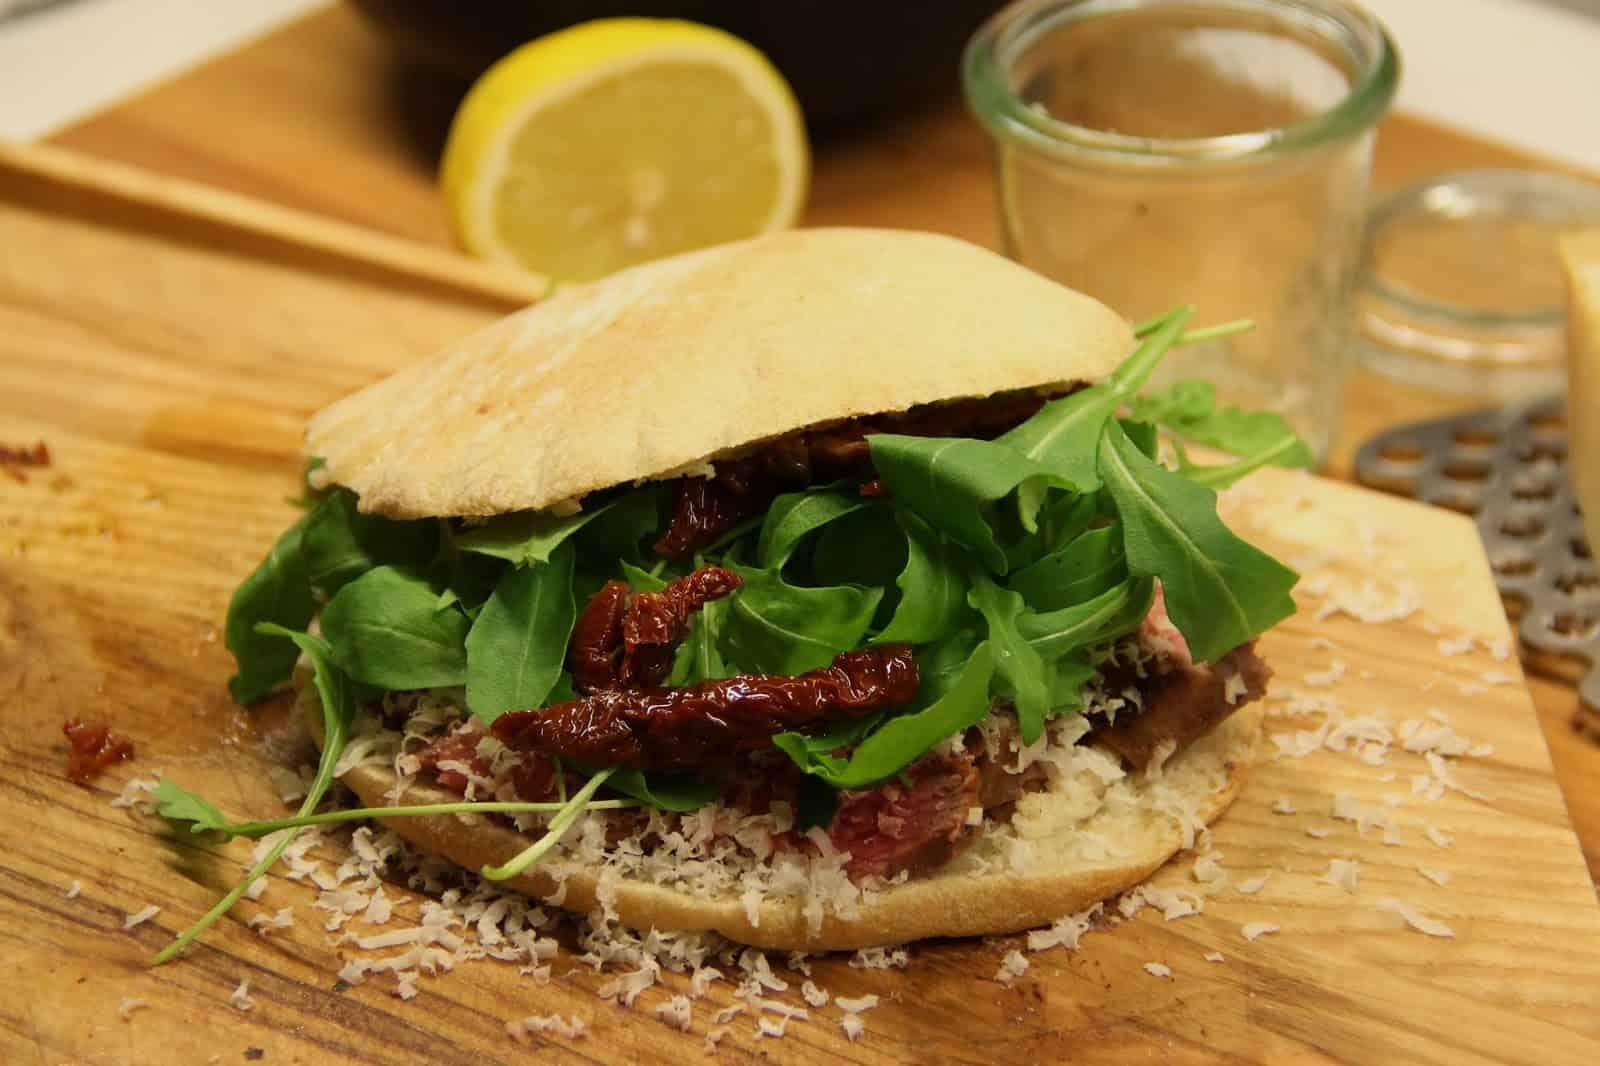 Sandwich mit Steak und Rucola